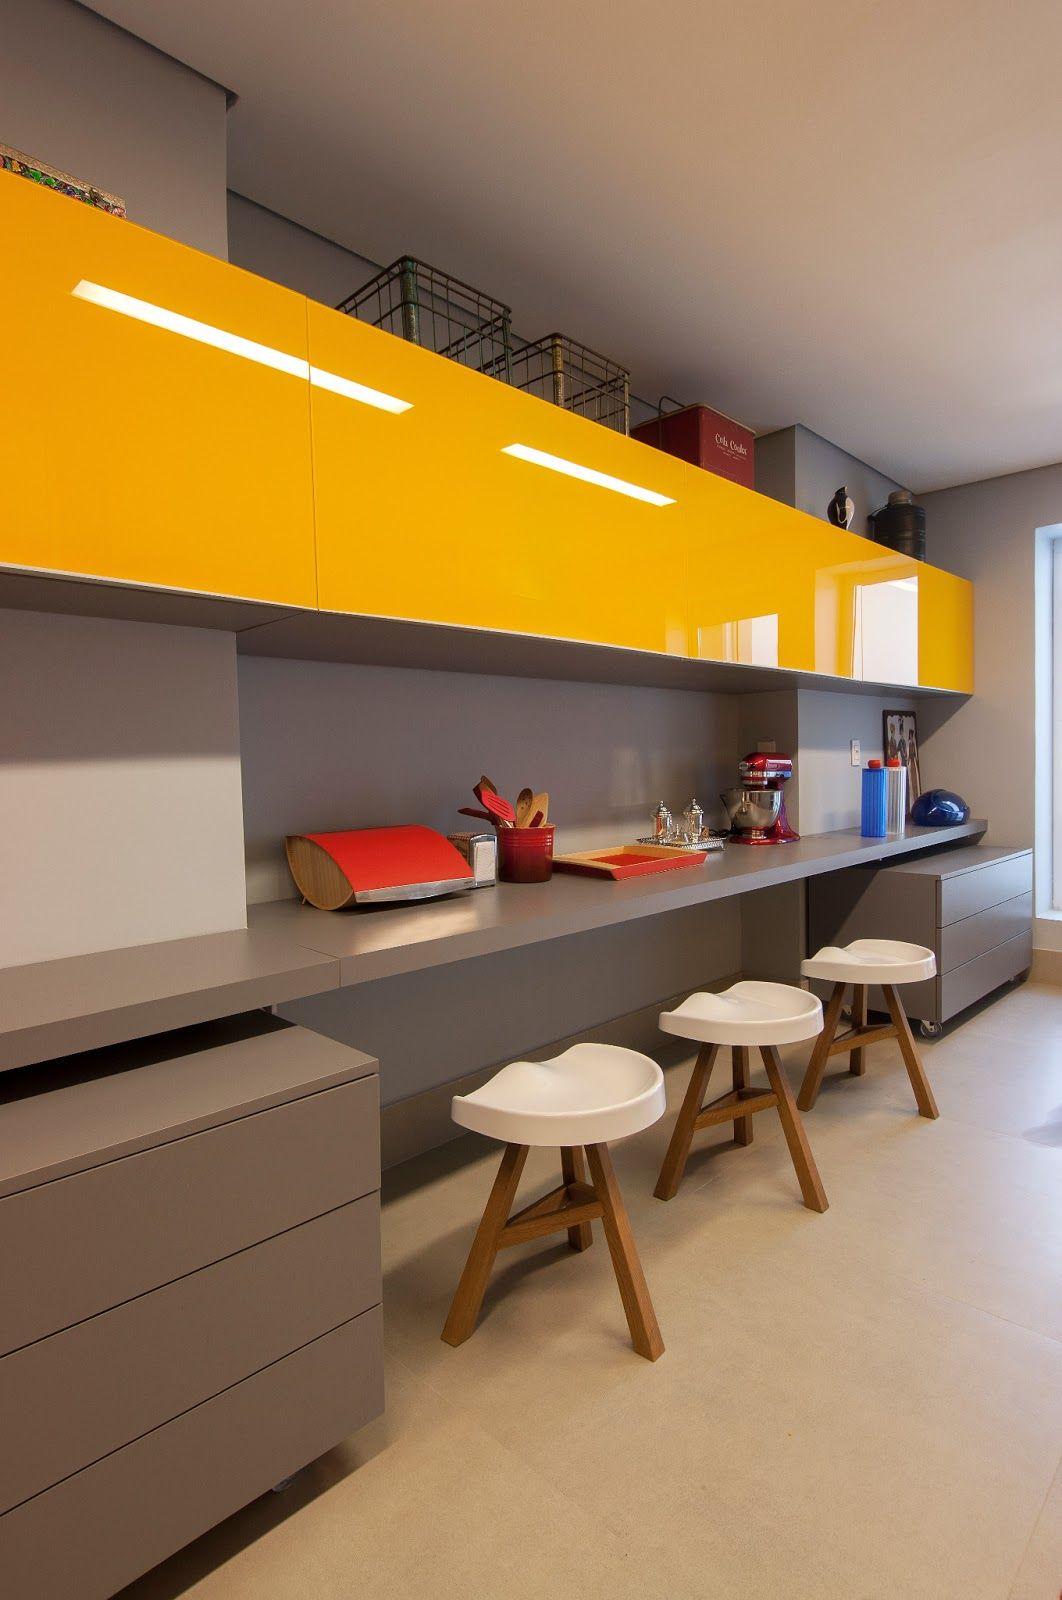 Amc Küchen amc arquitetura cozinha colorida mutfak